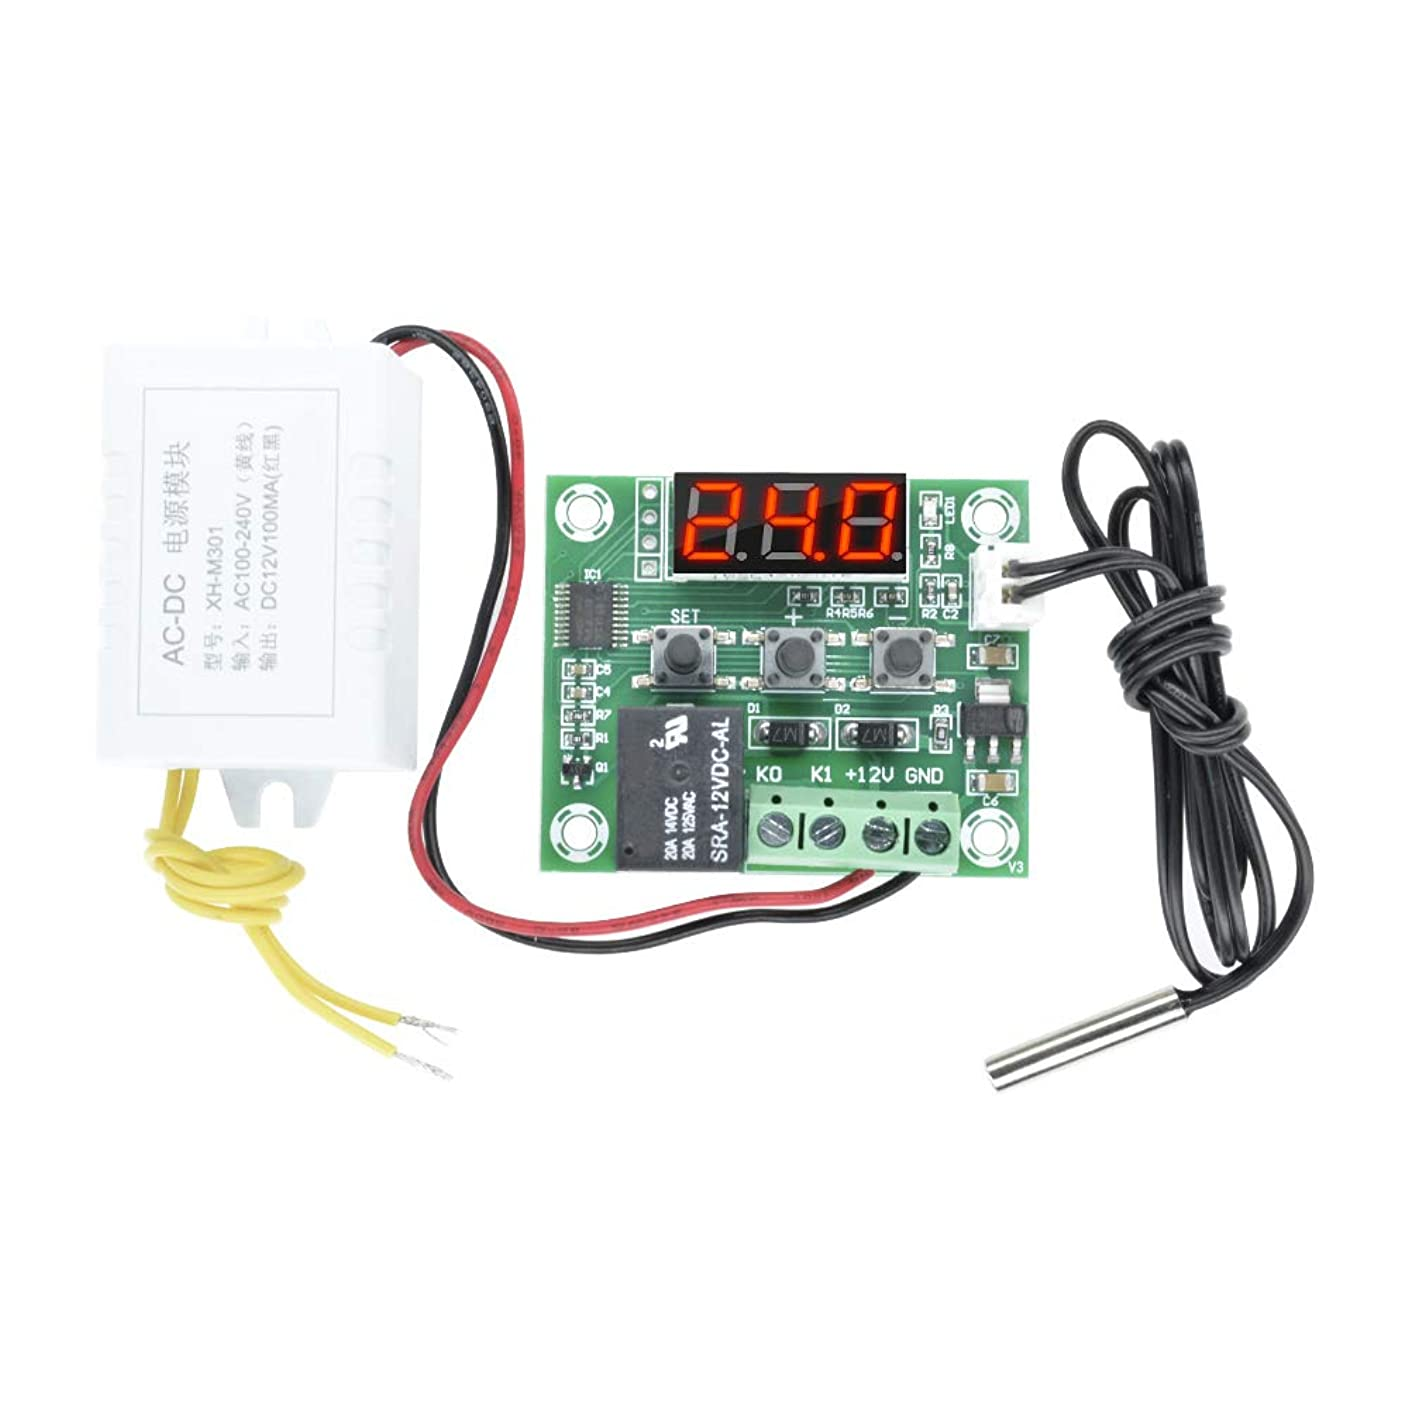 人生を作るシーン司教DiyStudio W1209 AC 110-220V AC110V -50-110°Cデジタル温度調整スイッチセンサーバンド電源モジュール AC220V